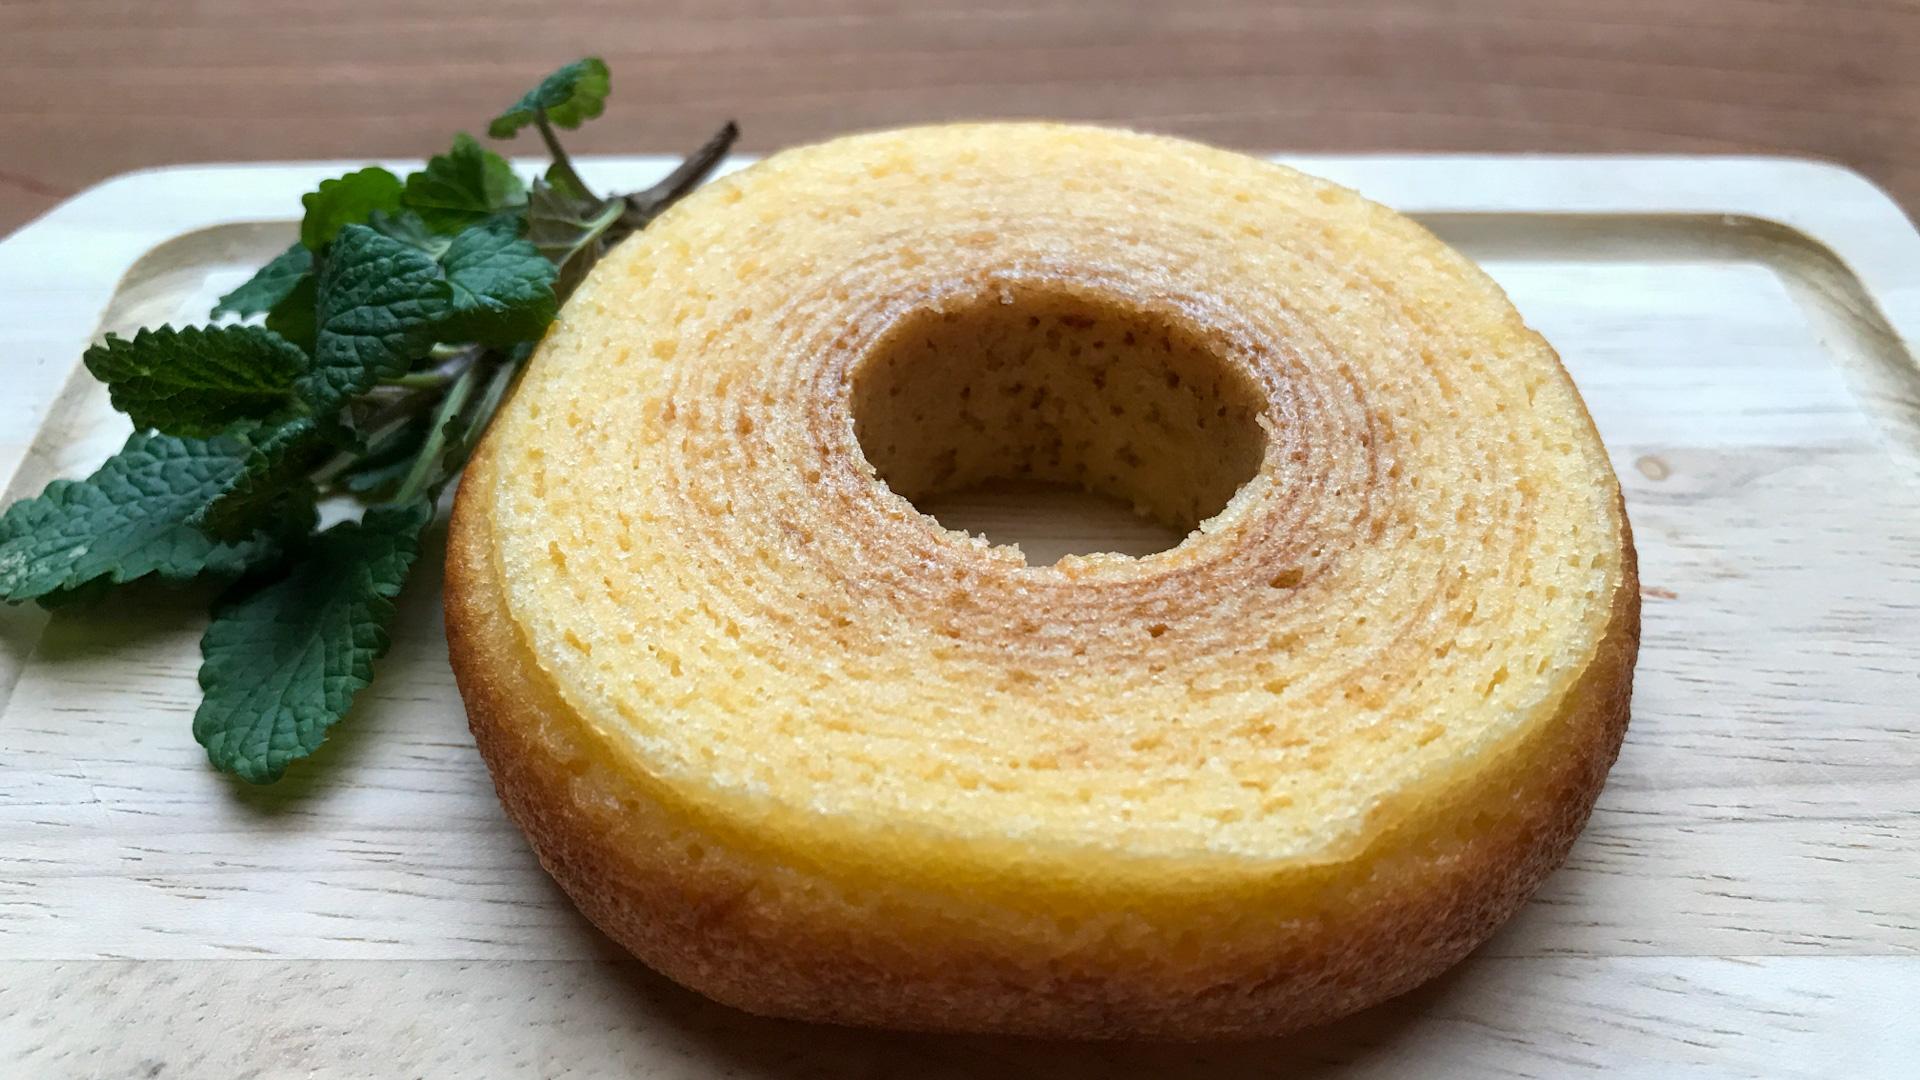 実食レポ【ローソン】「発酵バターを使ったふんわりバウム」の楽しめる素朴さ